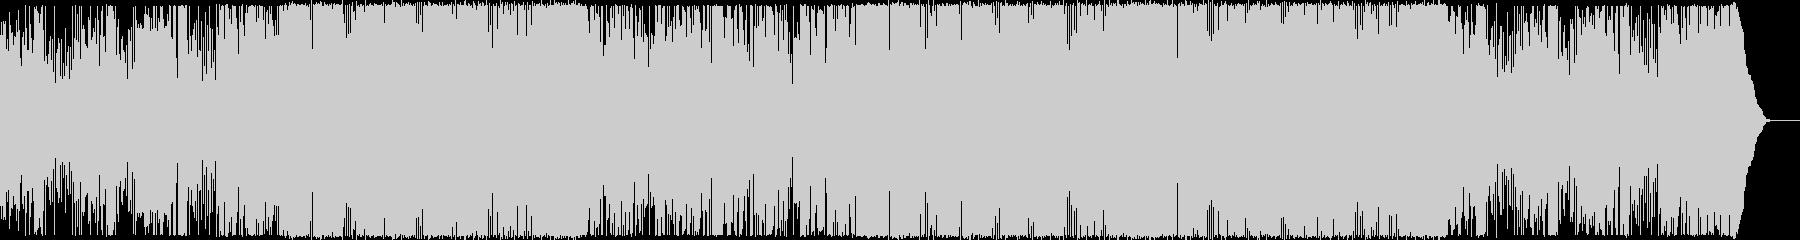 ラジオ・おしゃれ・楽しい・ジャズの未再生の波形